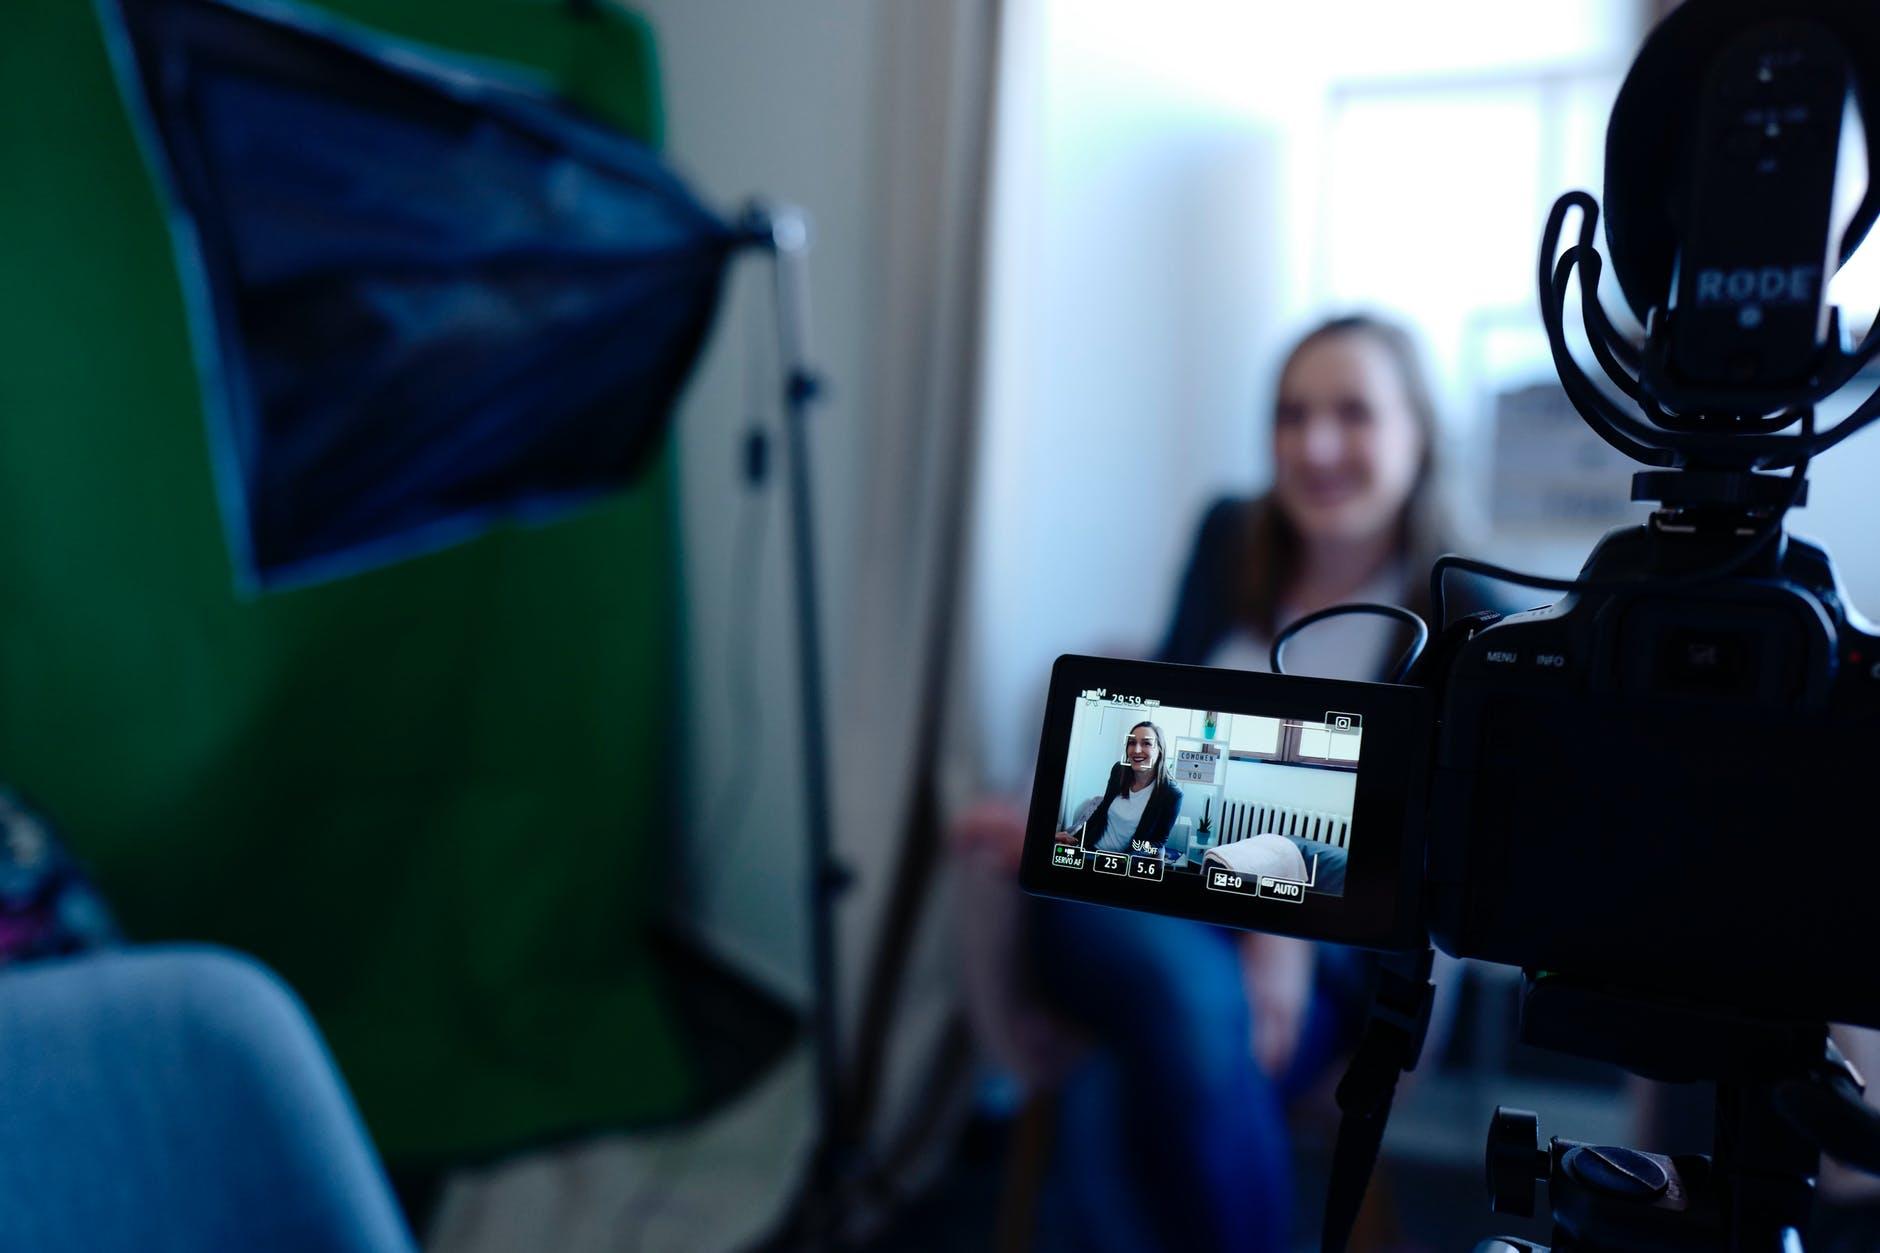 Produção audiovisual: 3 passos para se destacar no Instagram